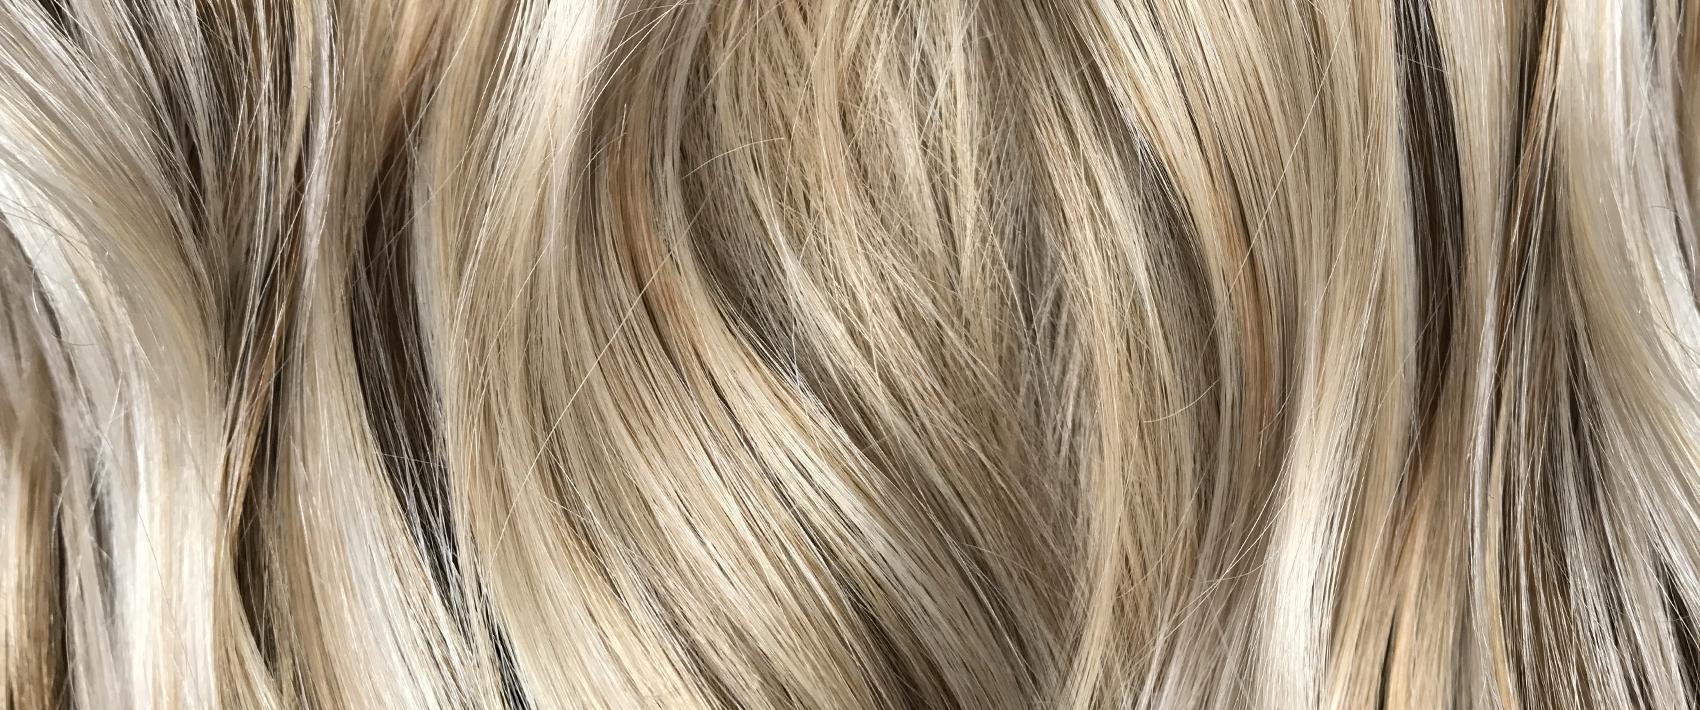 Haarfarben auf höchstem Niveau